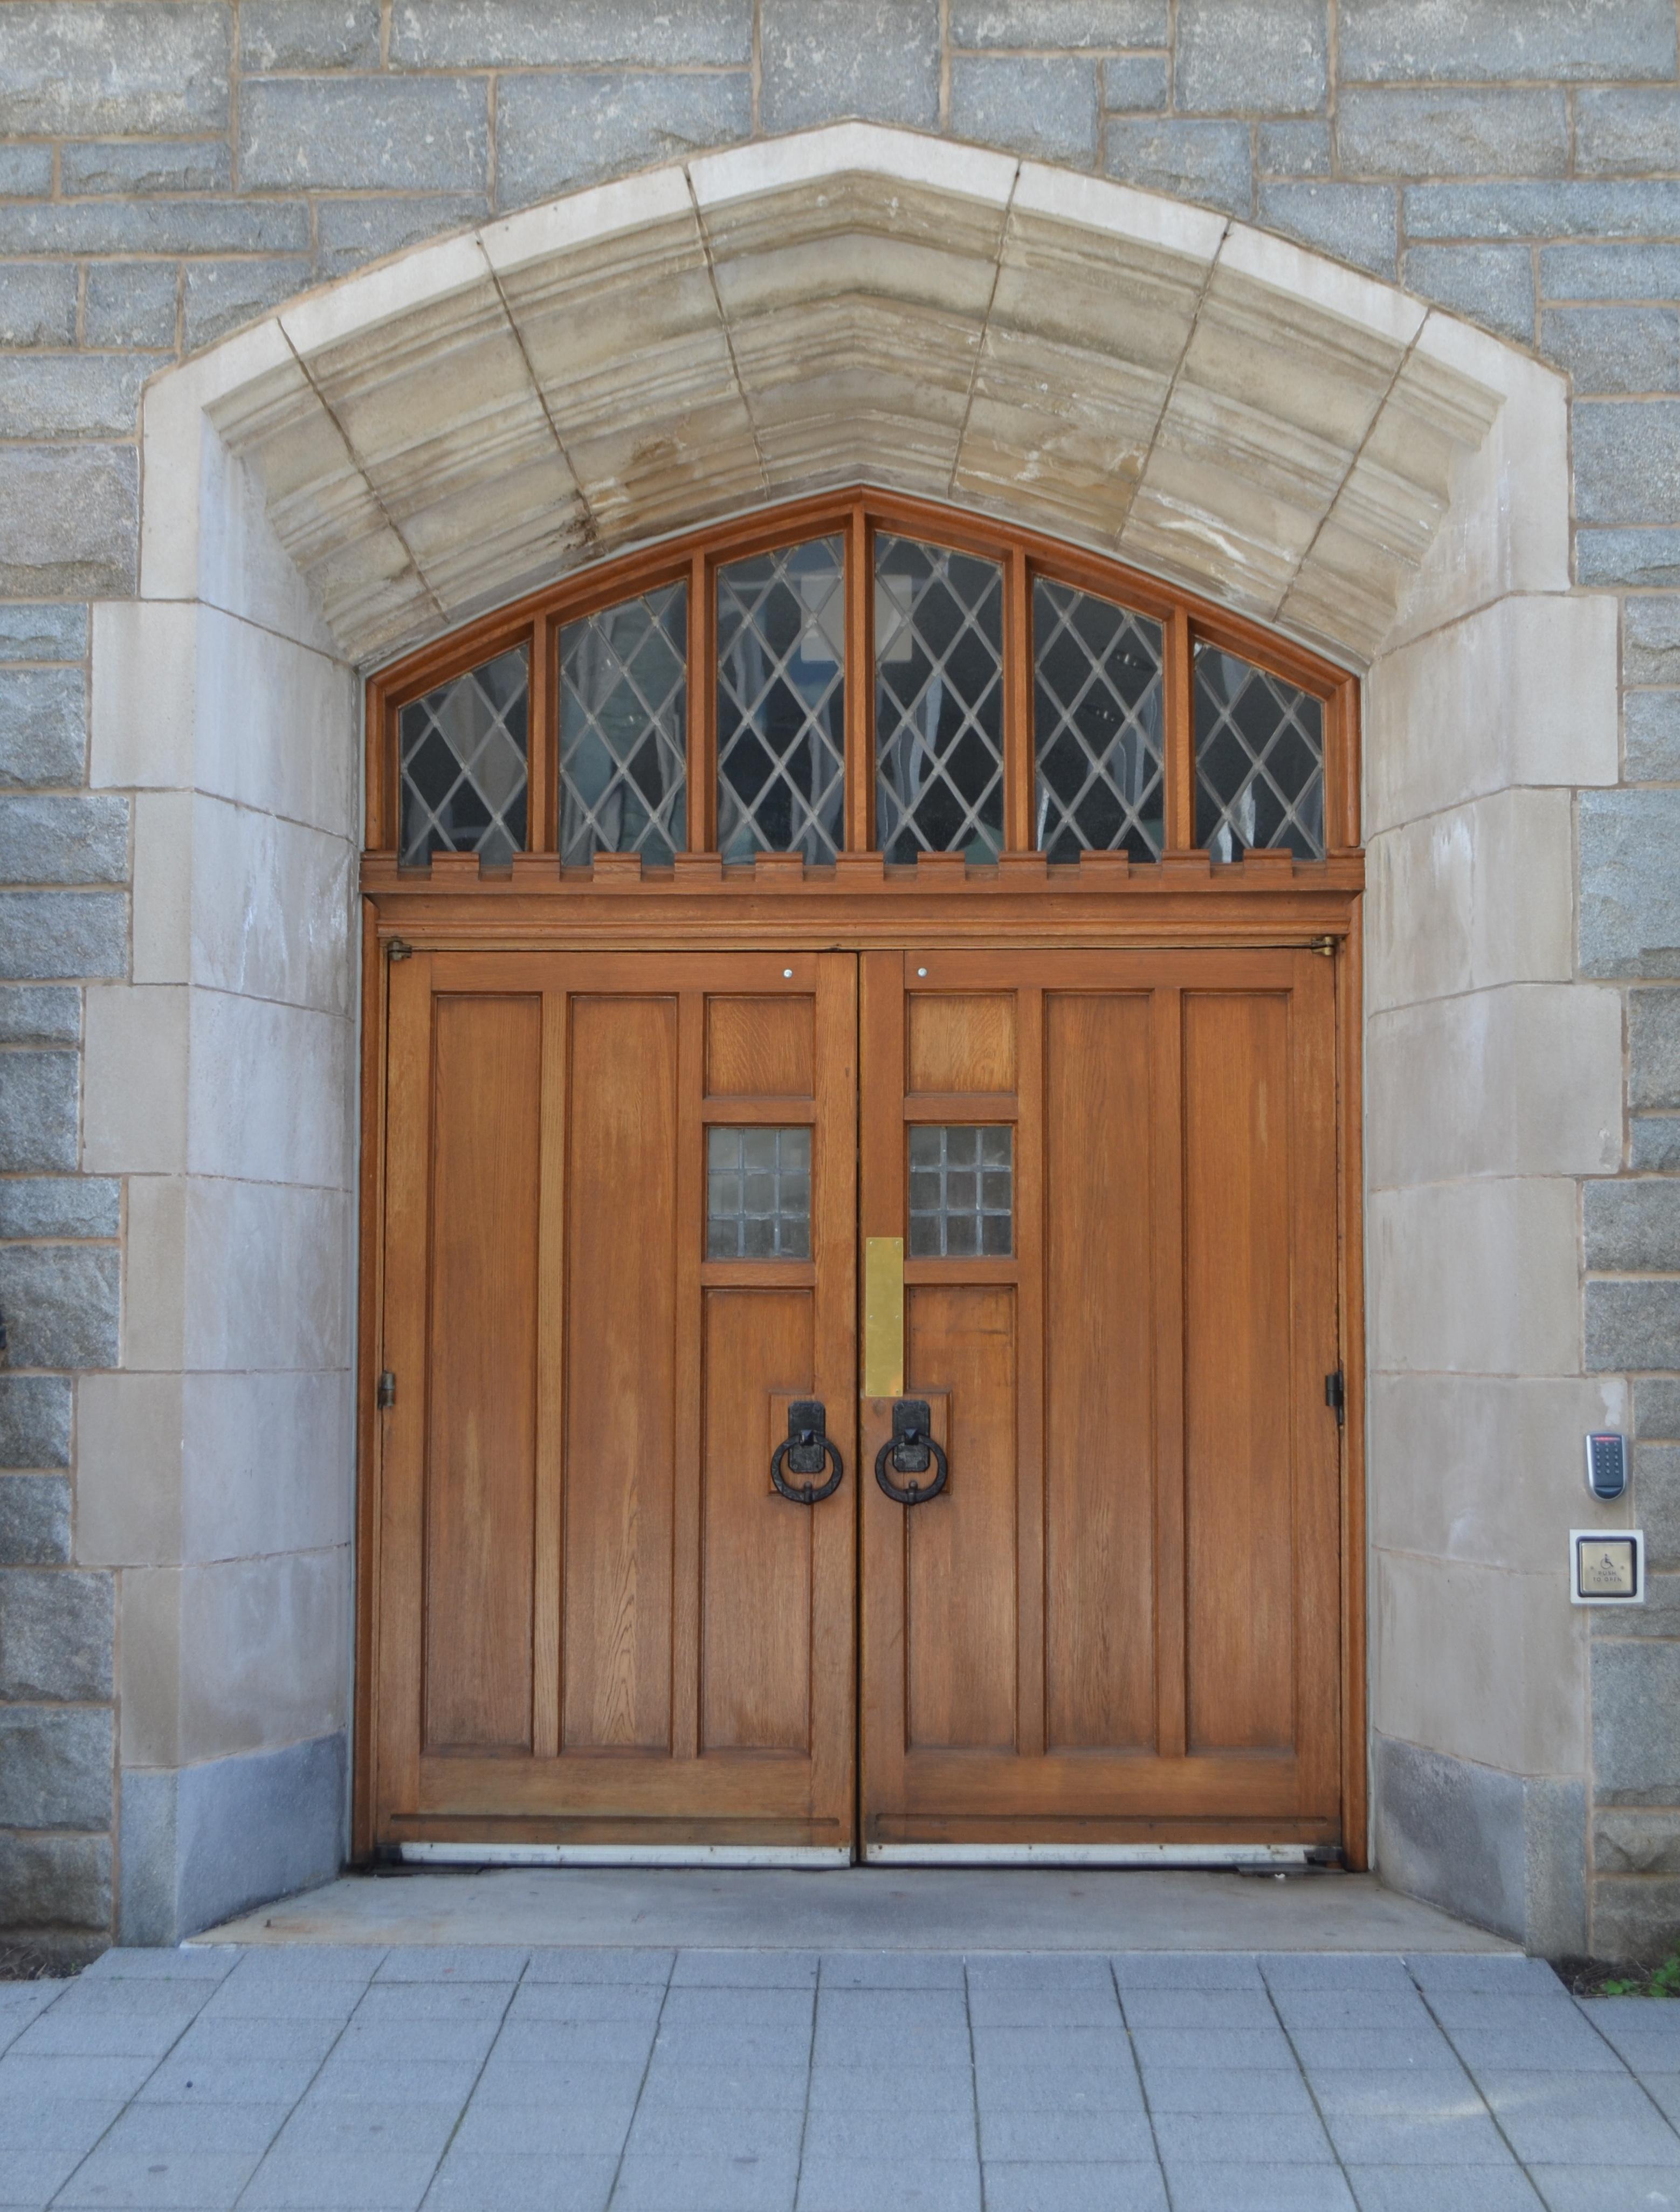 Die Architektur Holz Fenster Schuppen Bogen Fassade Eigentum Tor Tür  Immobilien Garagentor